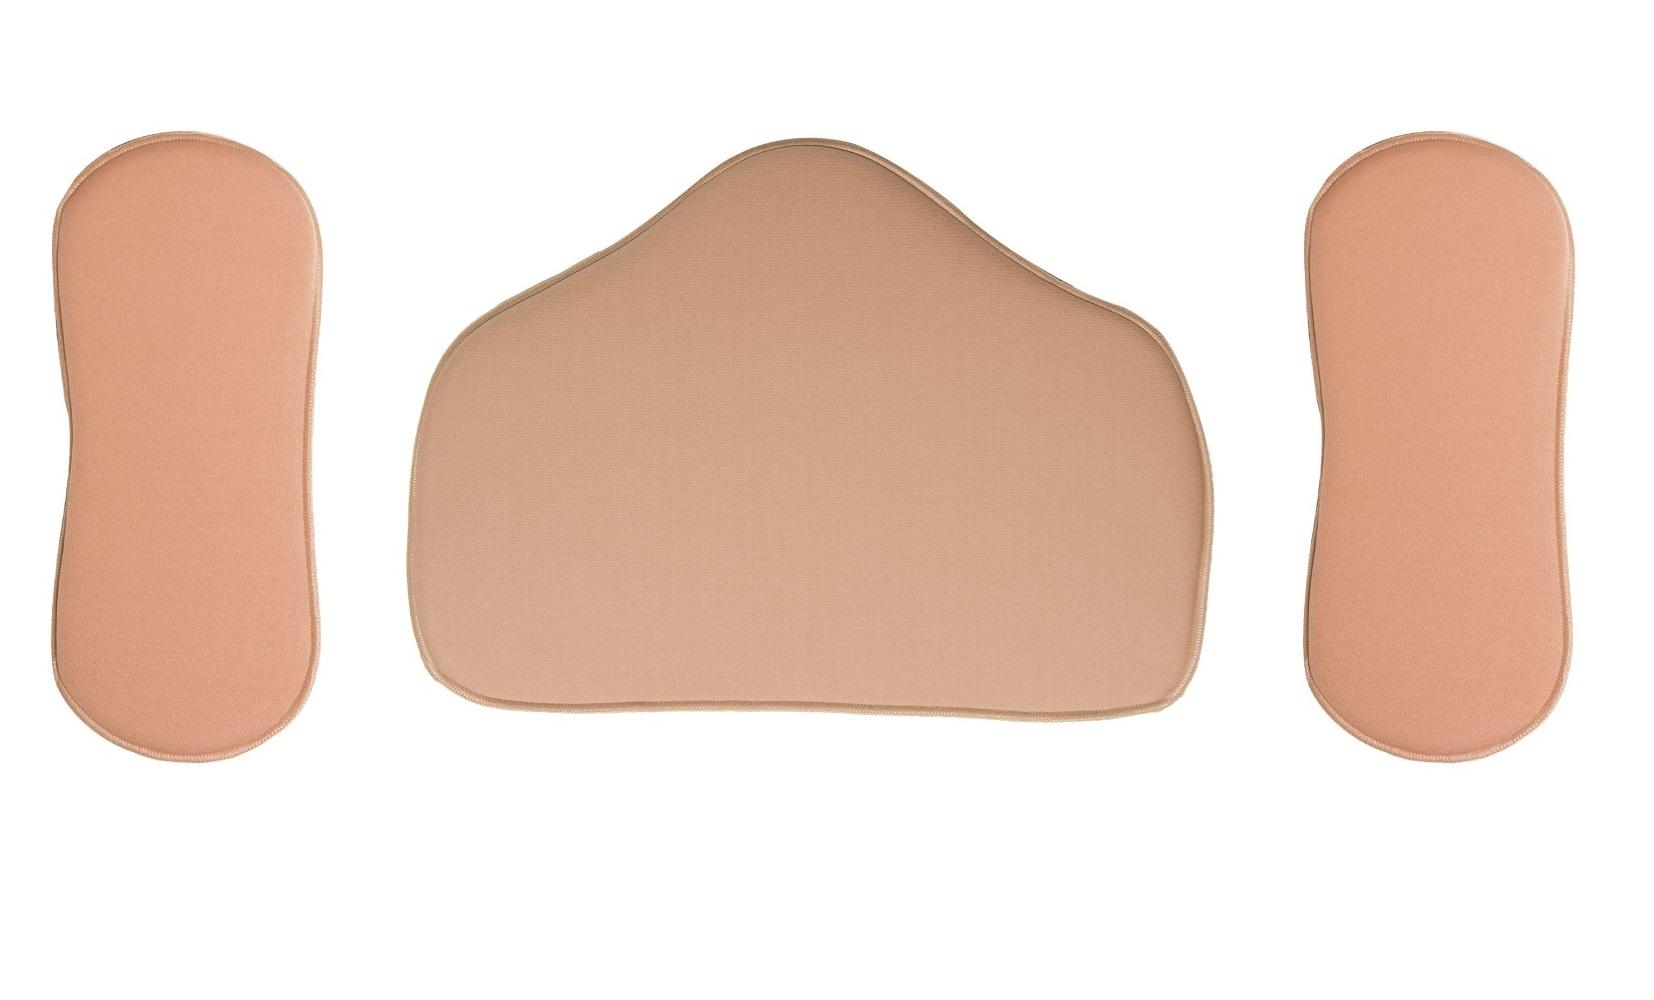 Kit Placas De Contenção Flexível Abdominal E Lateral Pós Cirurgica New Form